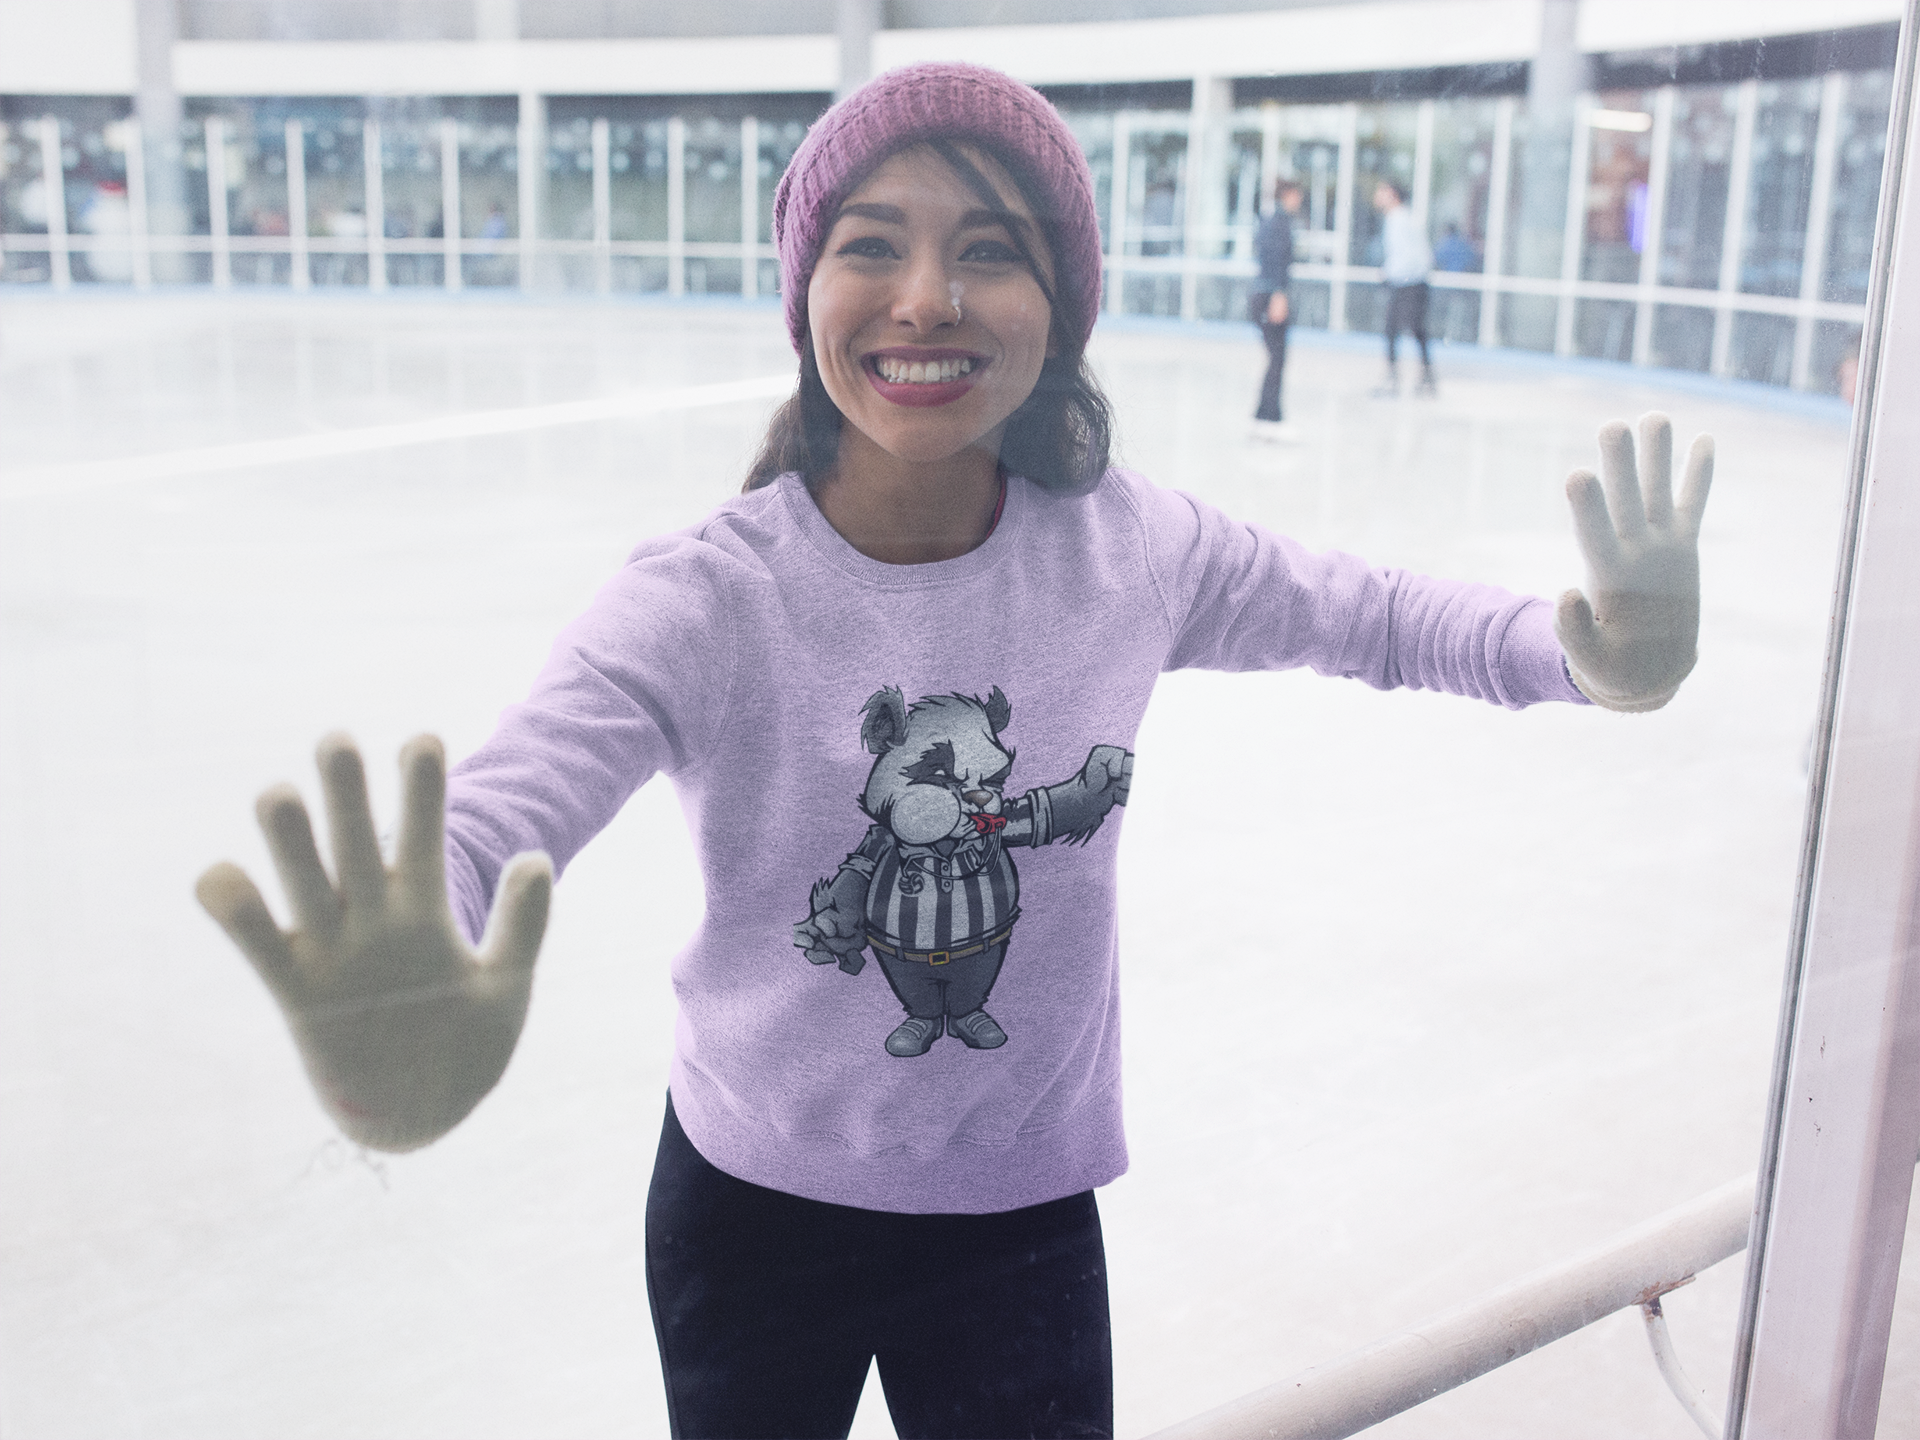 Volleyball Sweatshirts feature Panda